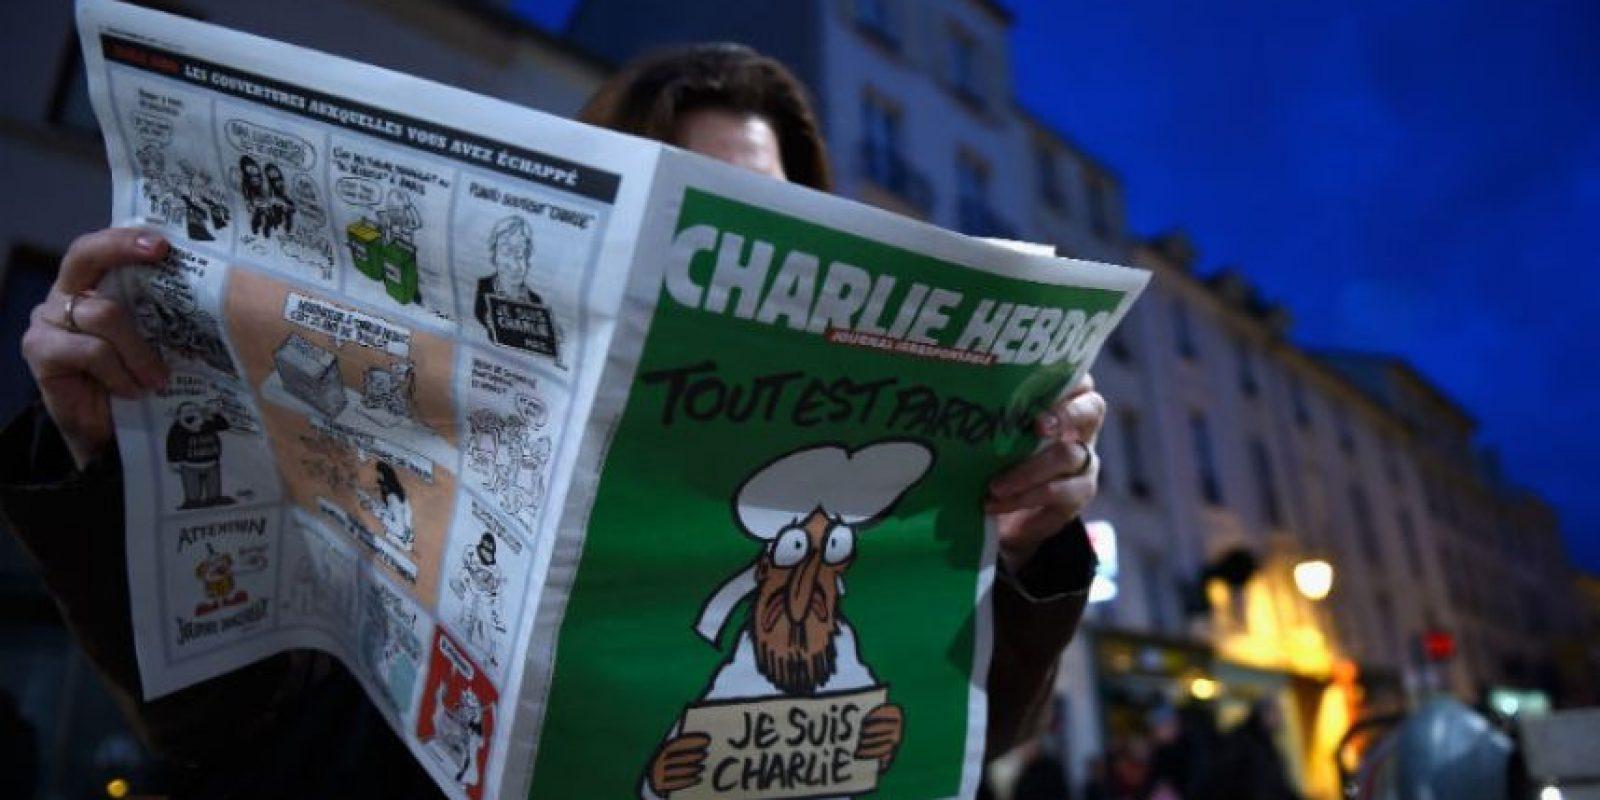 """El 7 de enero de 2015, """"Charlie Hebdo"""" sufrió un atentado que dejó como saldo 12 personas muertas. Foto:Getty Images"""